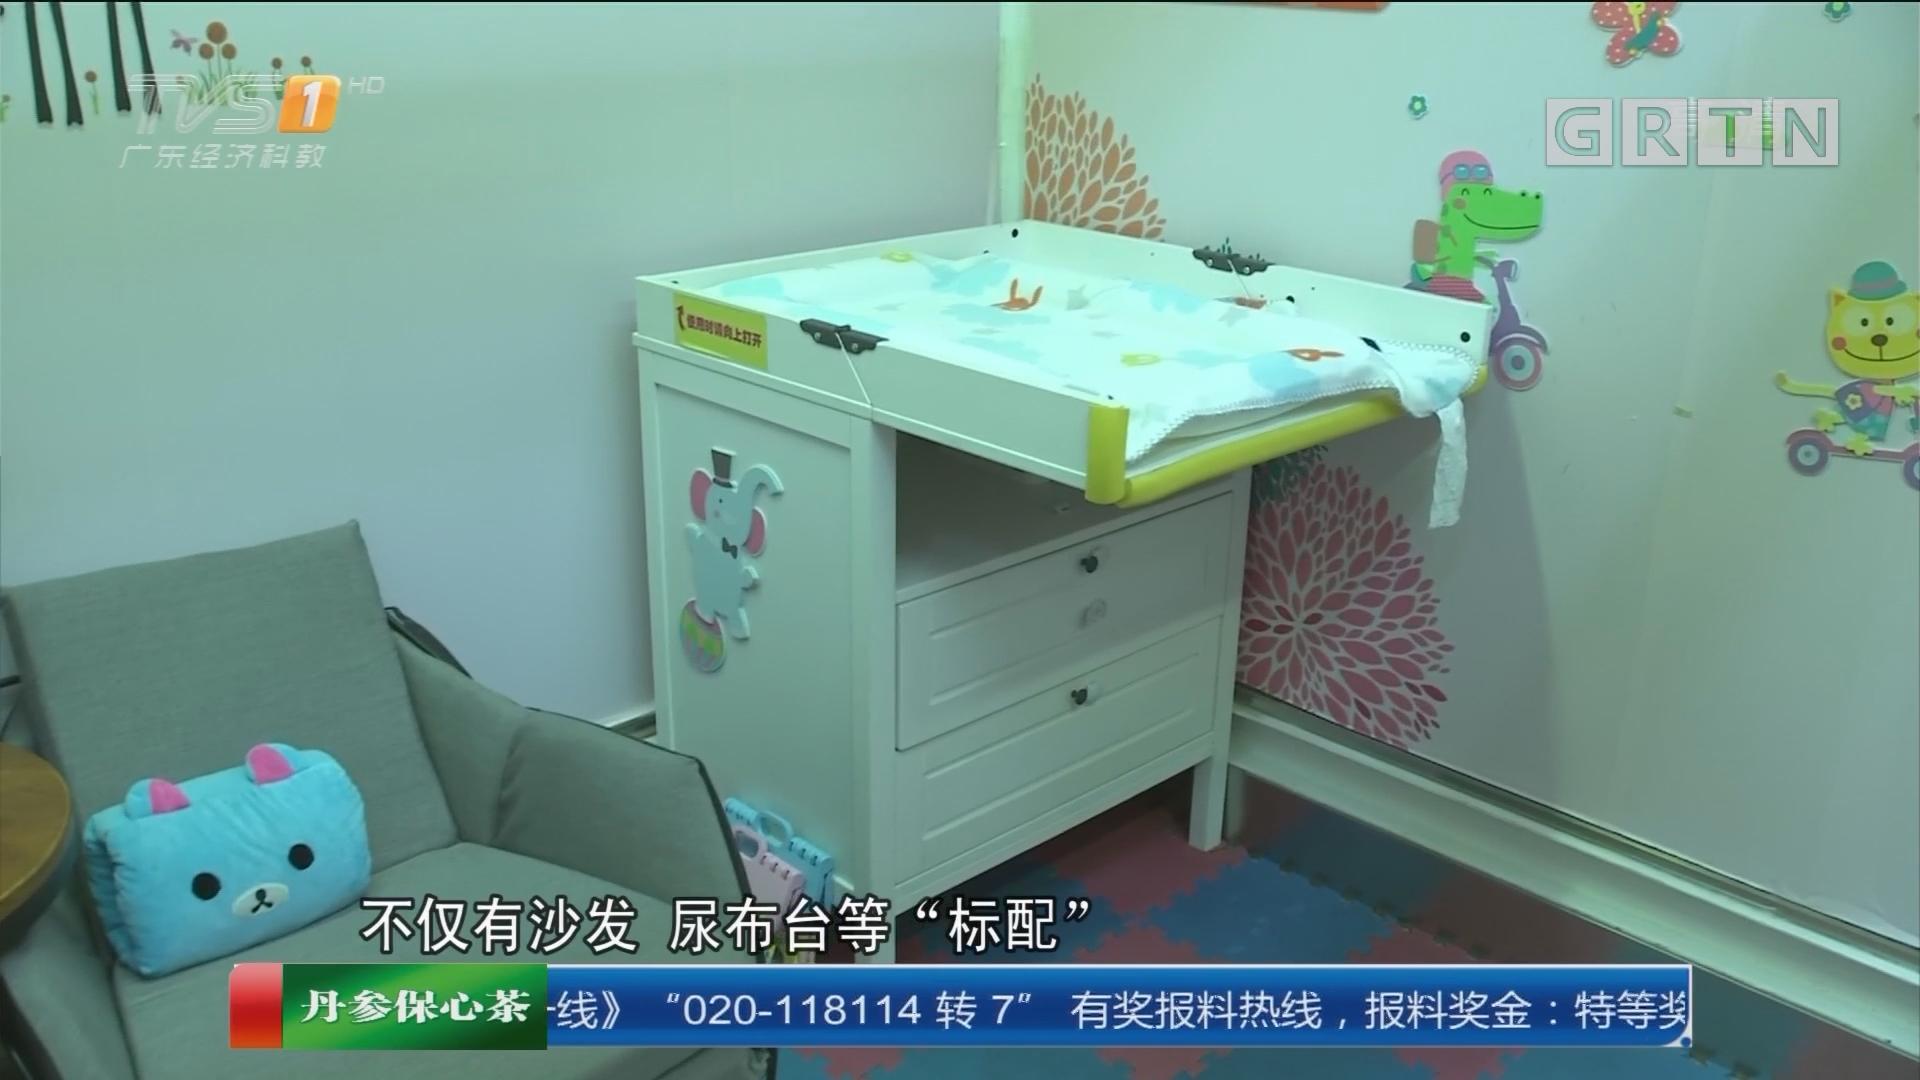 广州地铁便民服务升级:扫码可坐地铁 新线增厕所母婴室